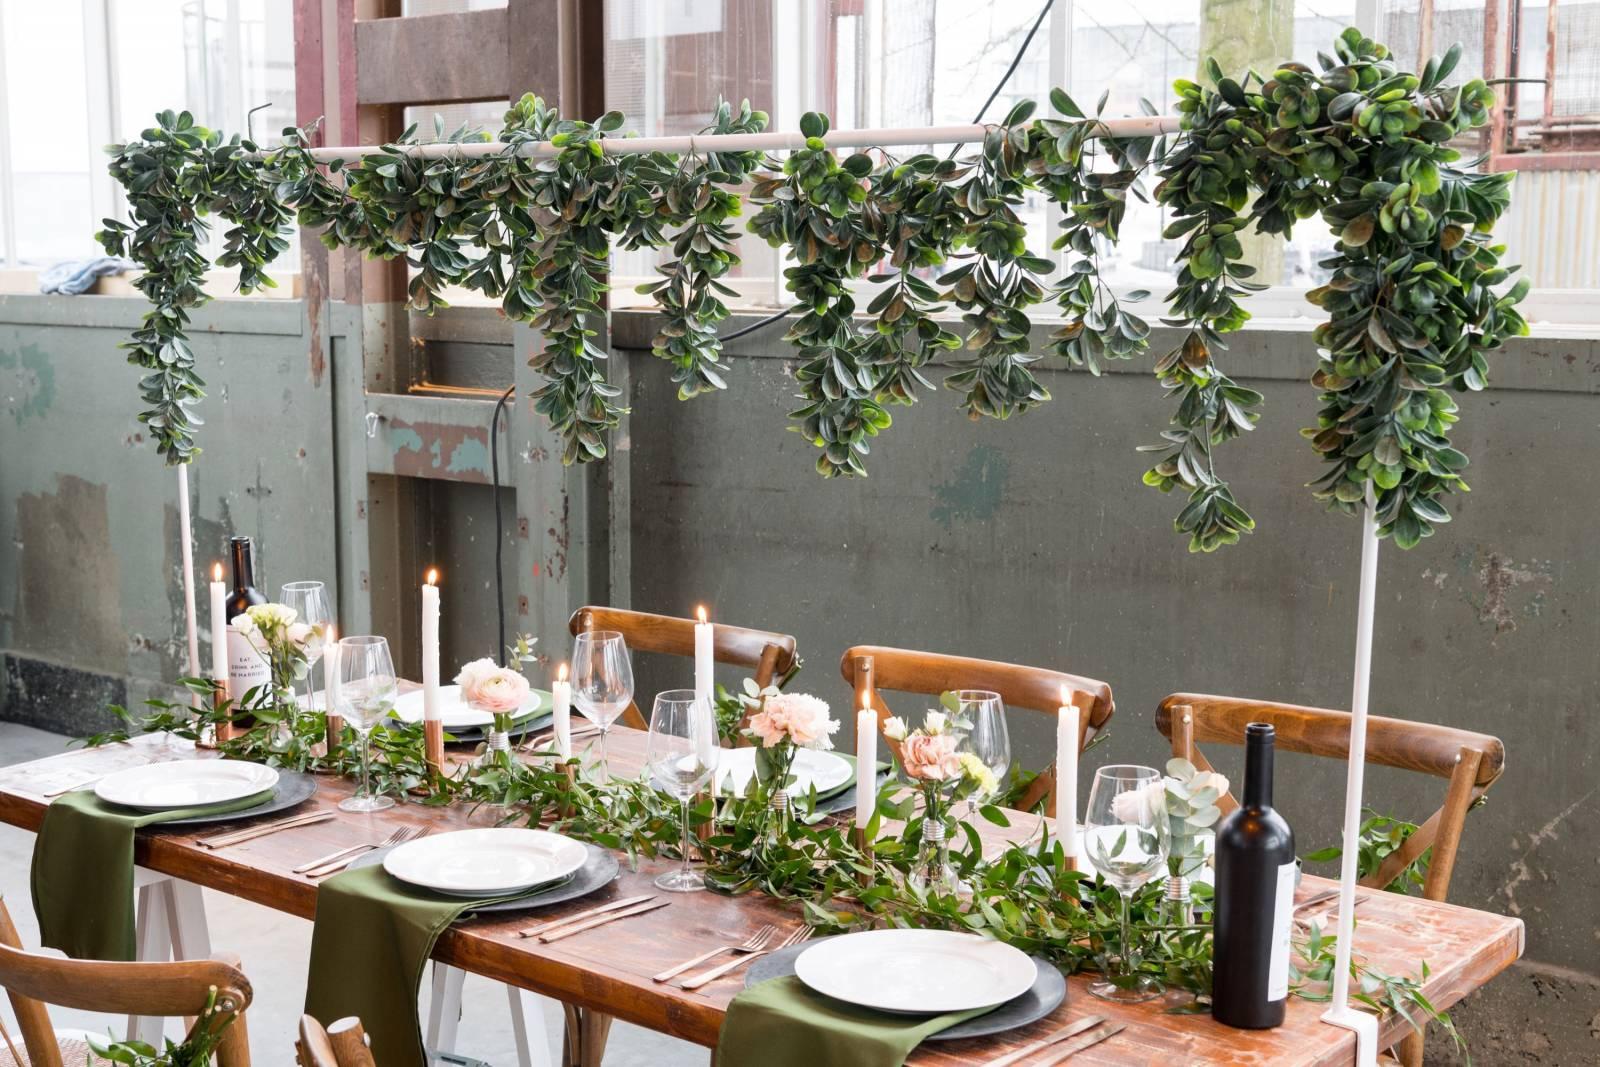 In Style Styling & Decoraties - Trouwdecoratie - Verhuurbedrijf - Wedding Design - House of Weddings - 13